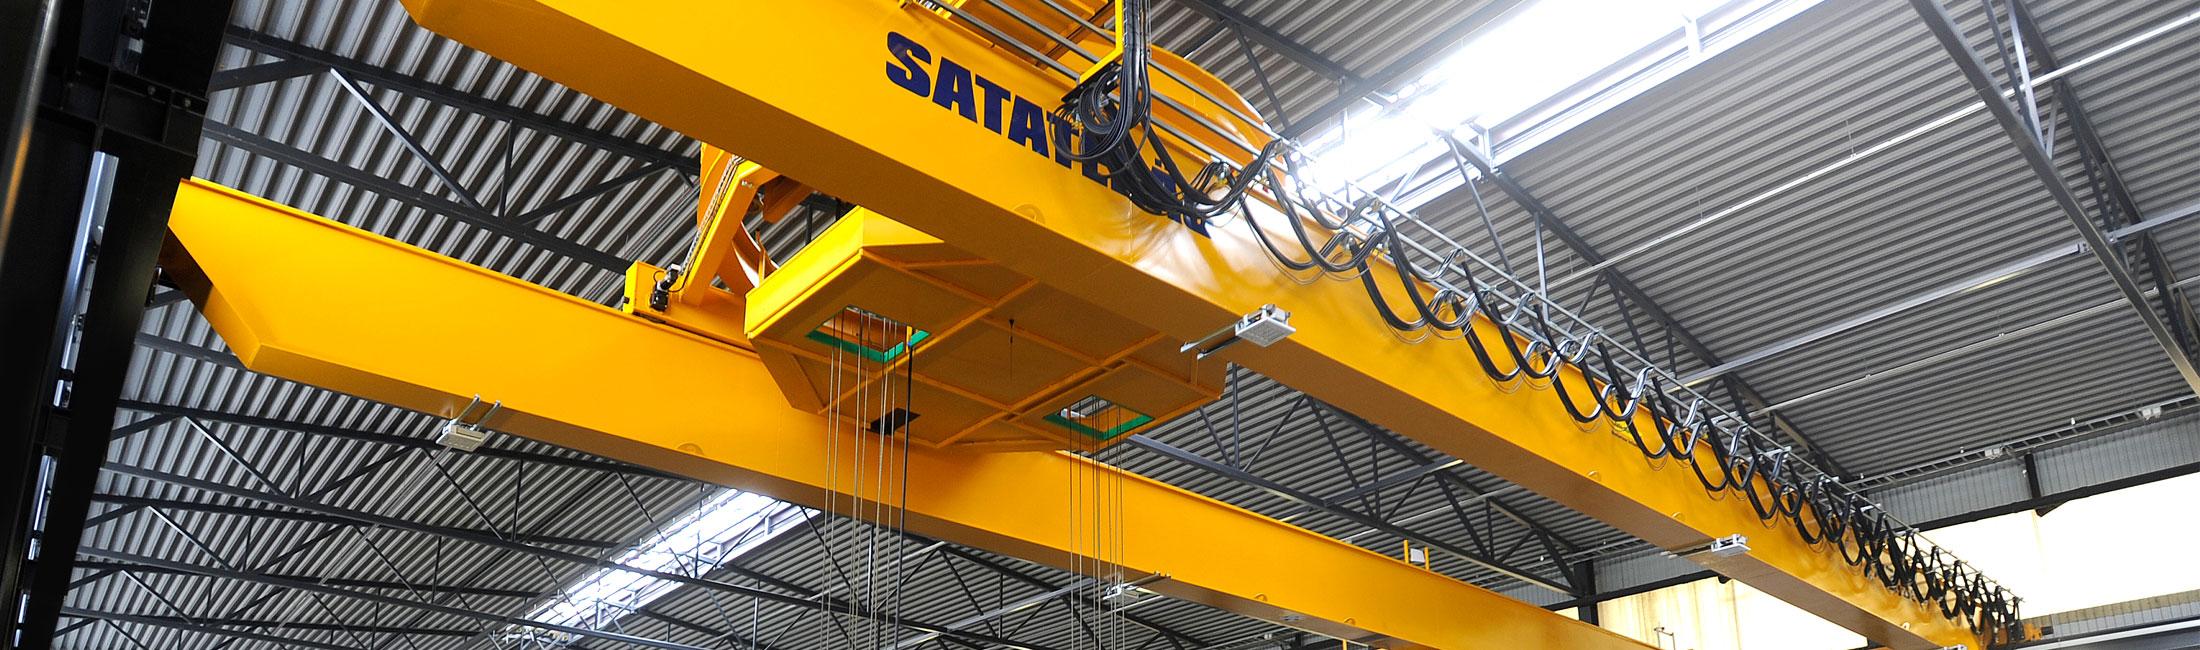 teollisuus-metalliteollisuus-teollisuuden-siltanosturit-satateras-siltanosturi-siikainen_1